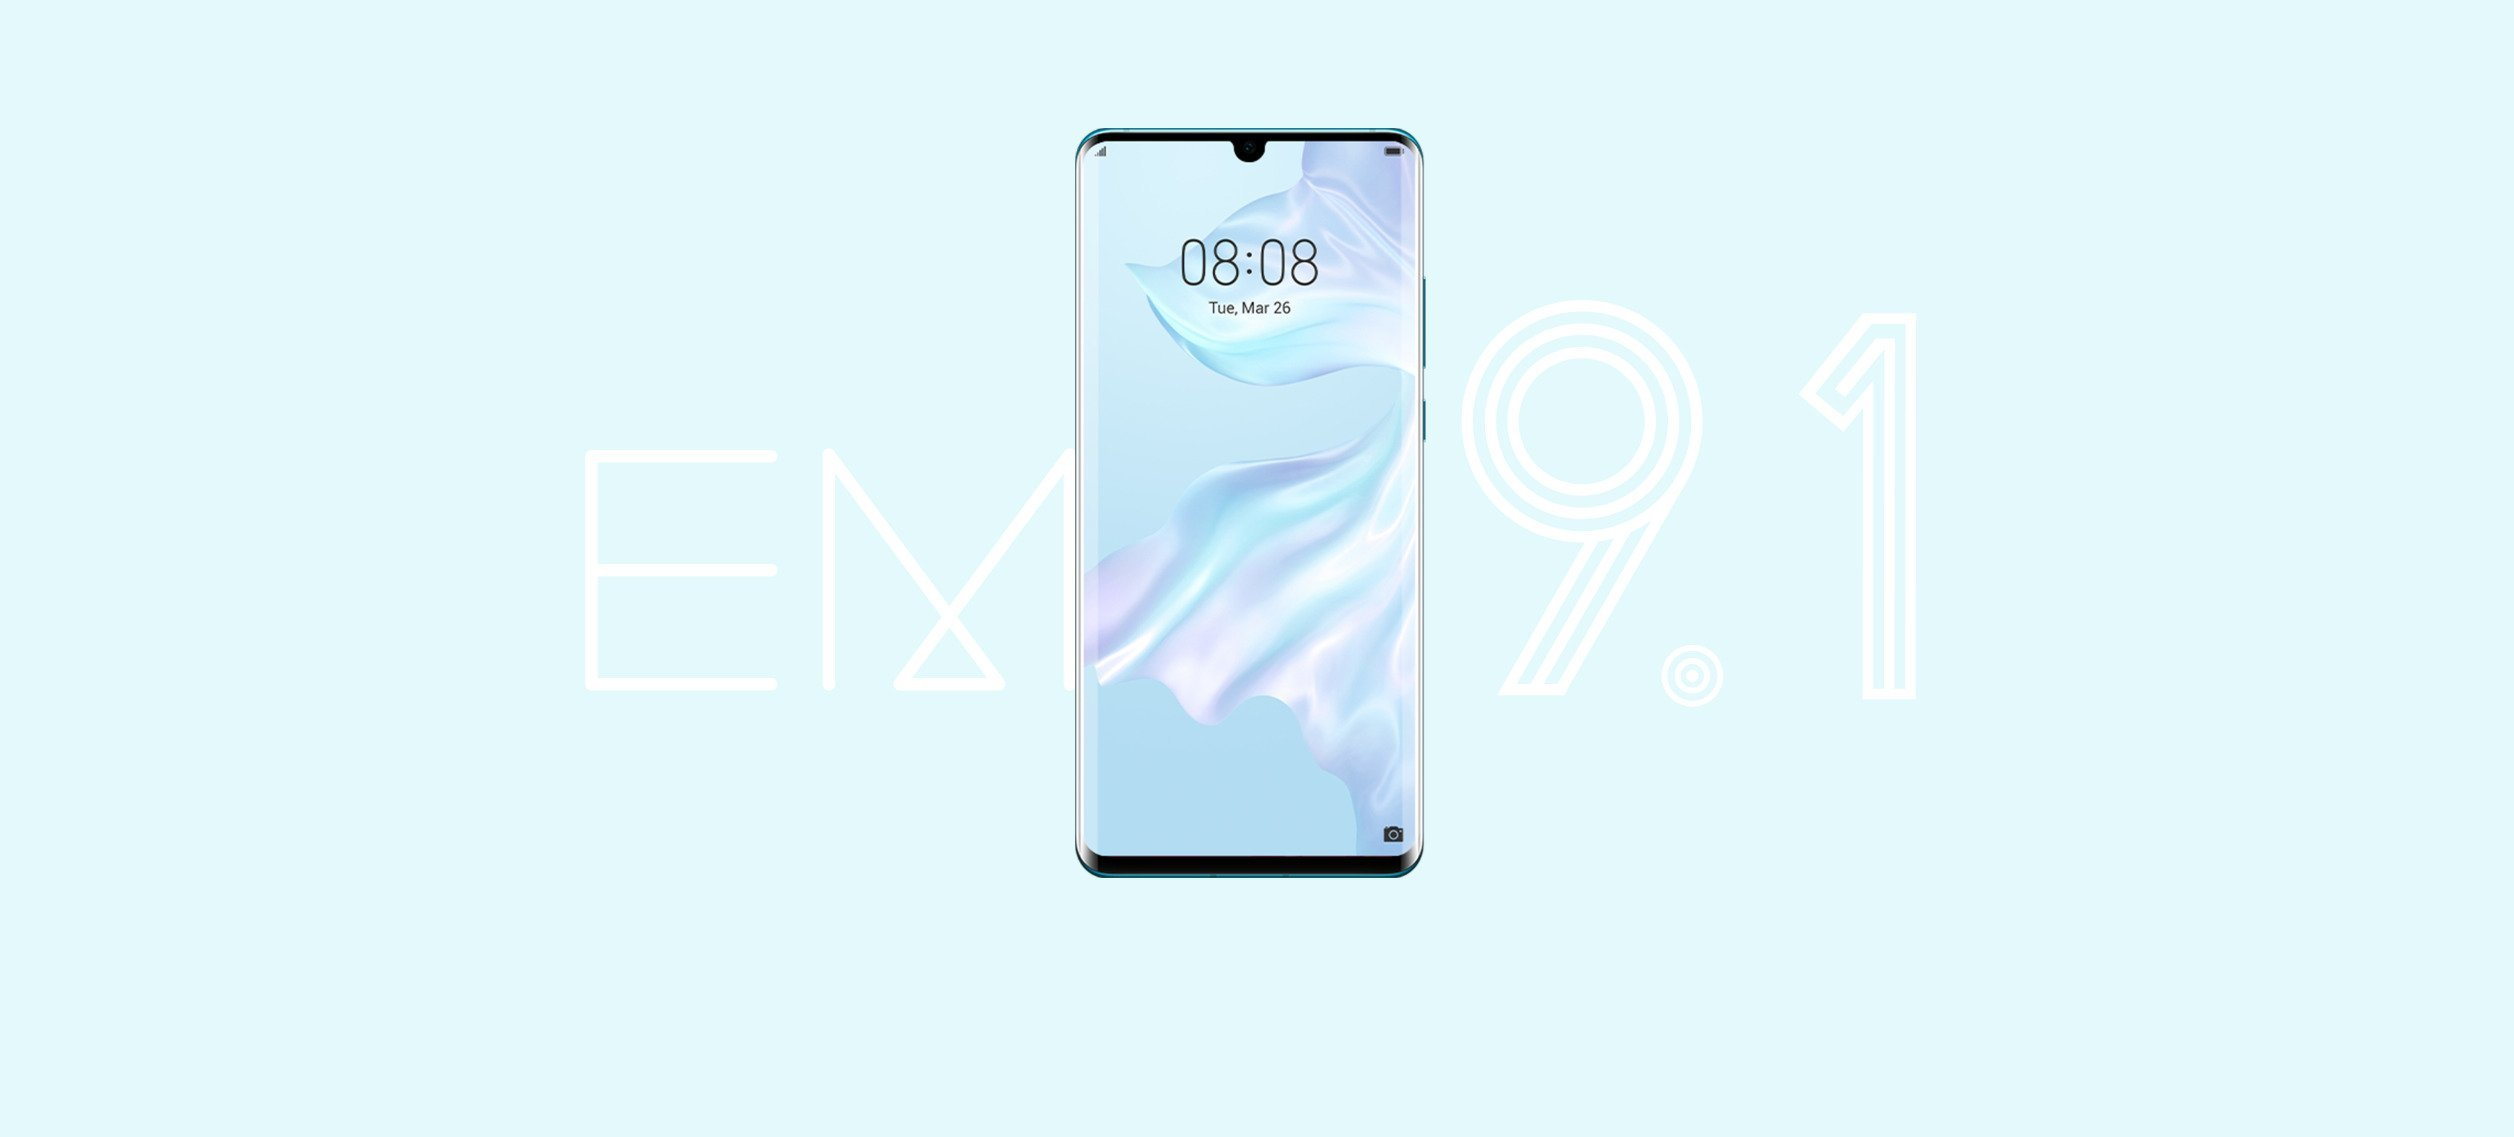 EMUI 9.1 : quelles nouveautés pour les 19 smartphones Huawei mis à jour d'ici fin août ?